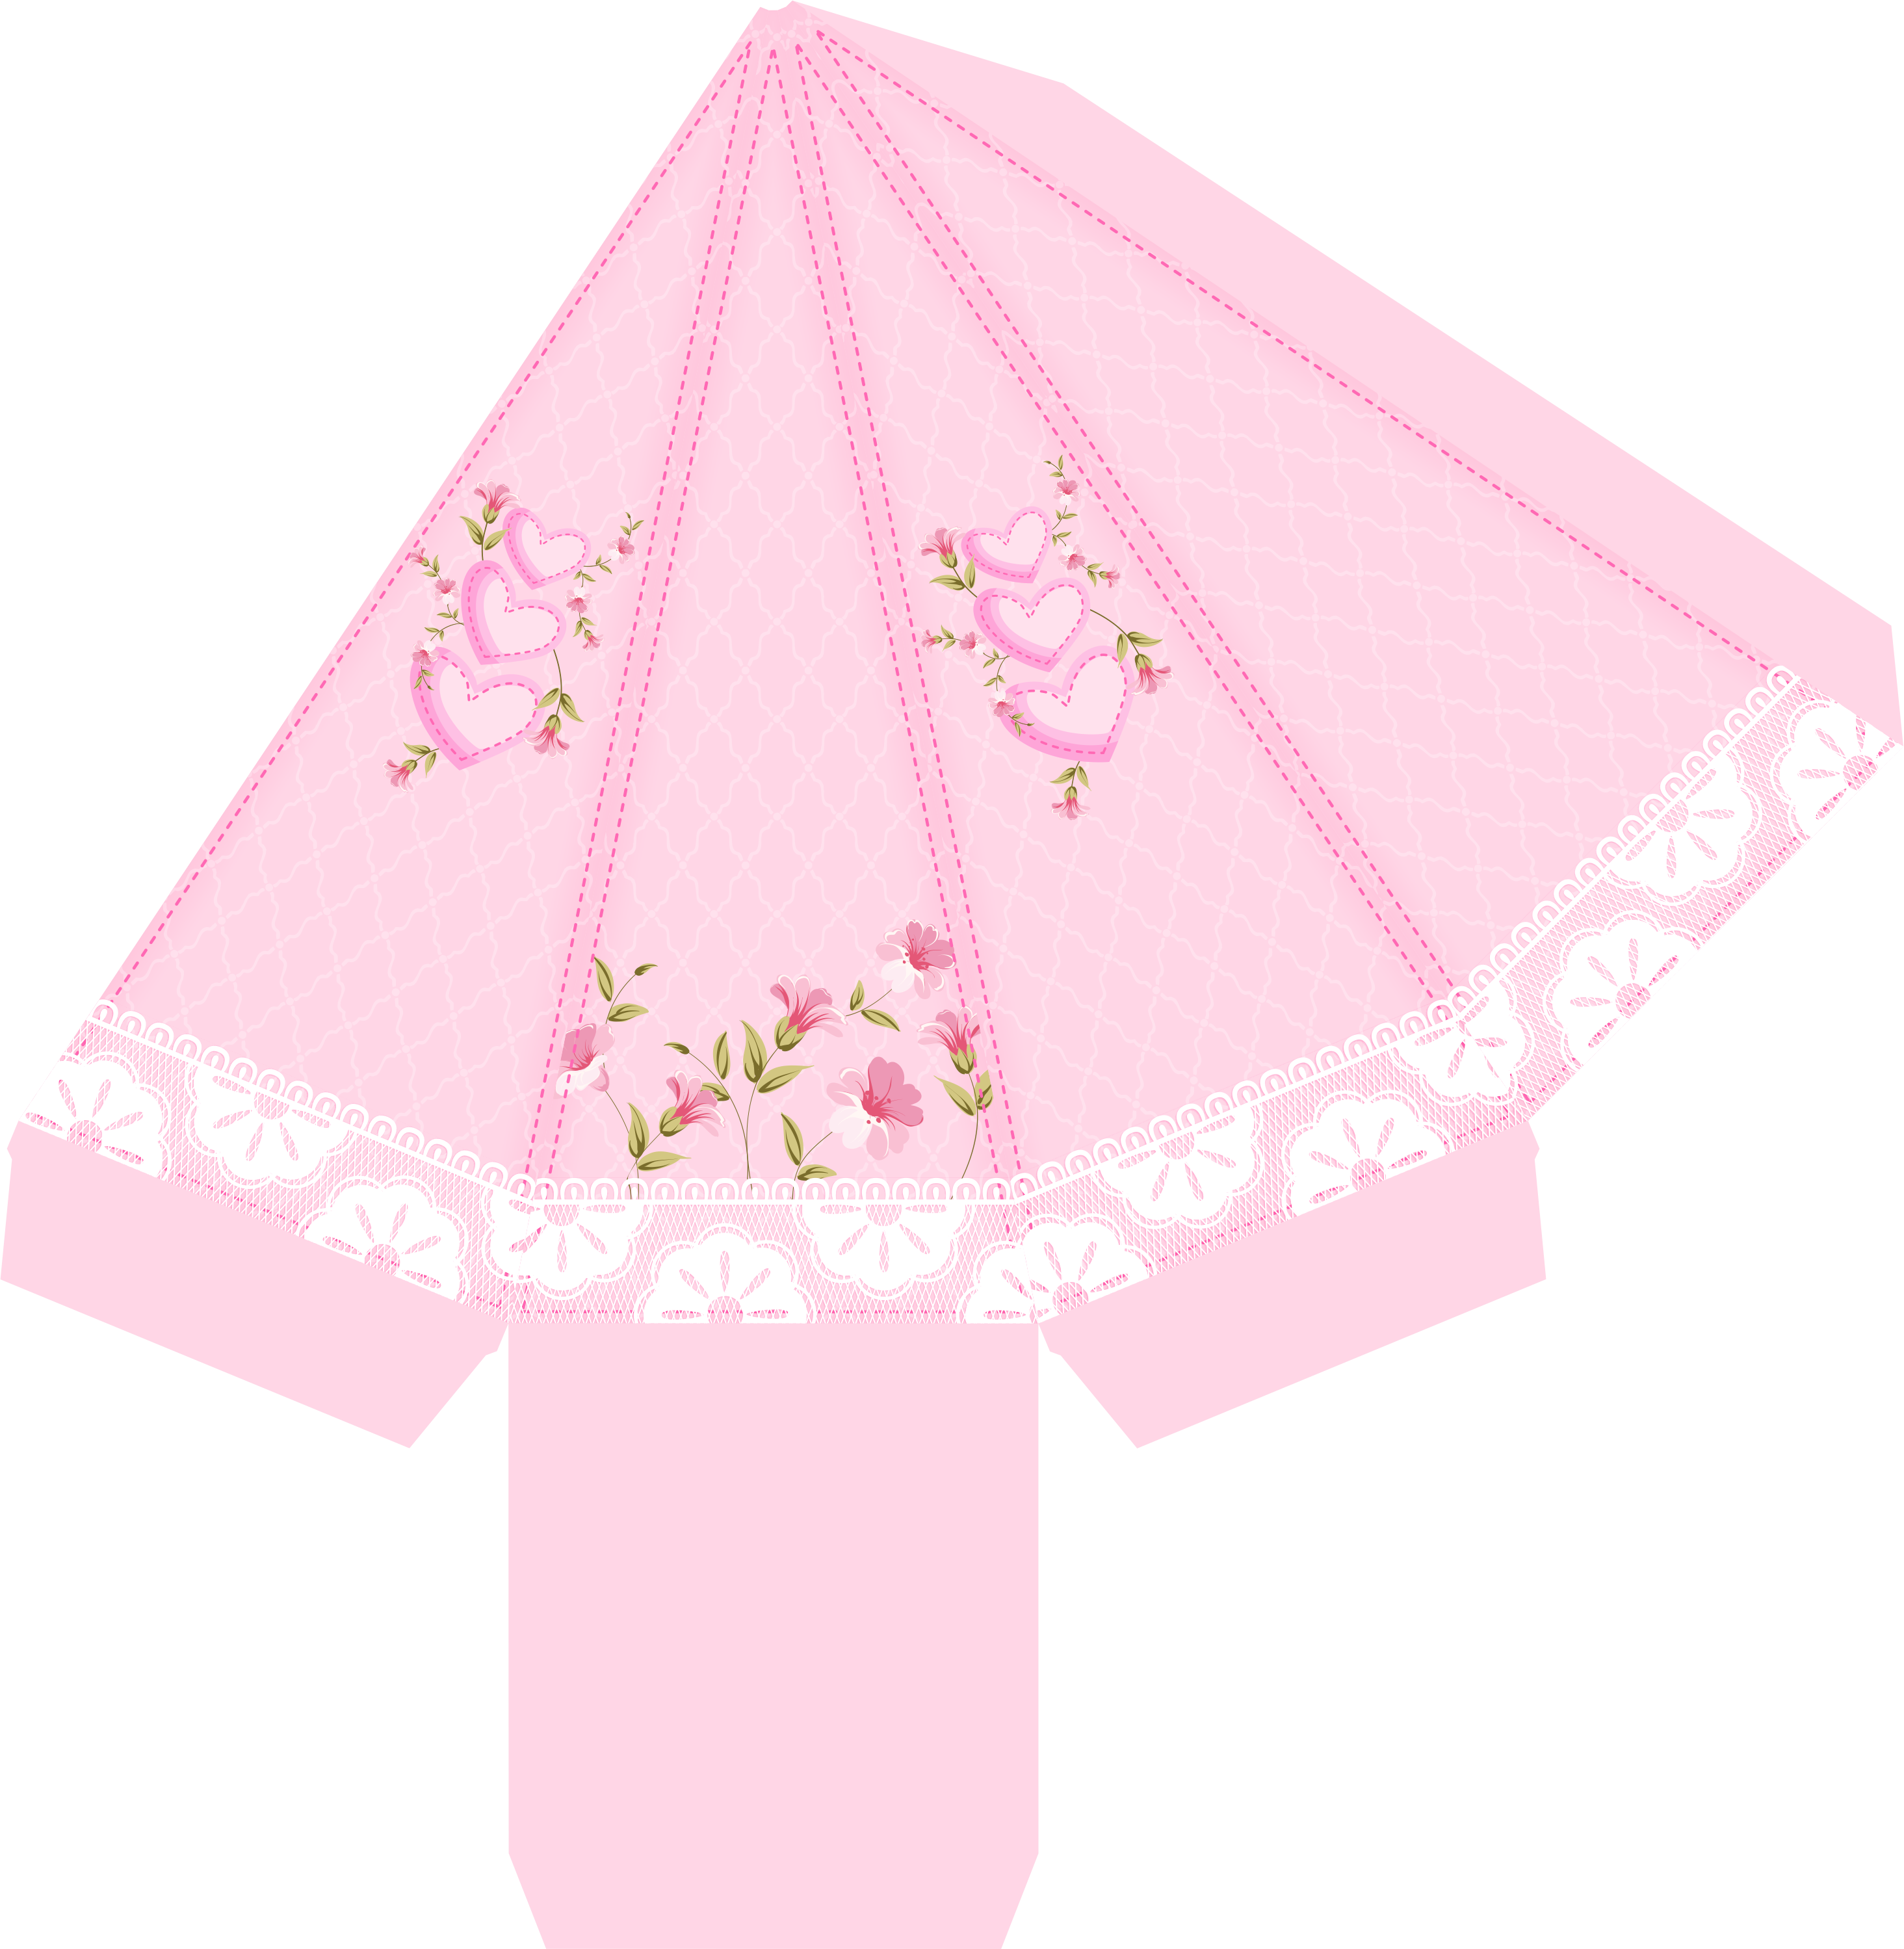 caixa piramide casa de bonecas rosa 1